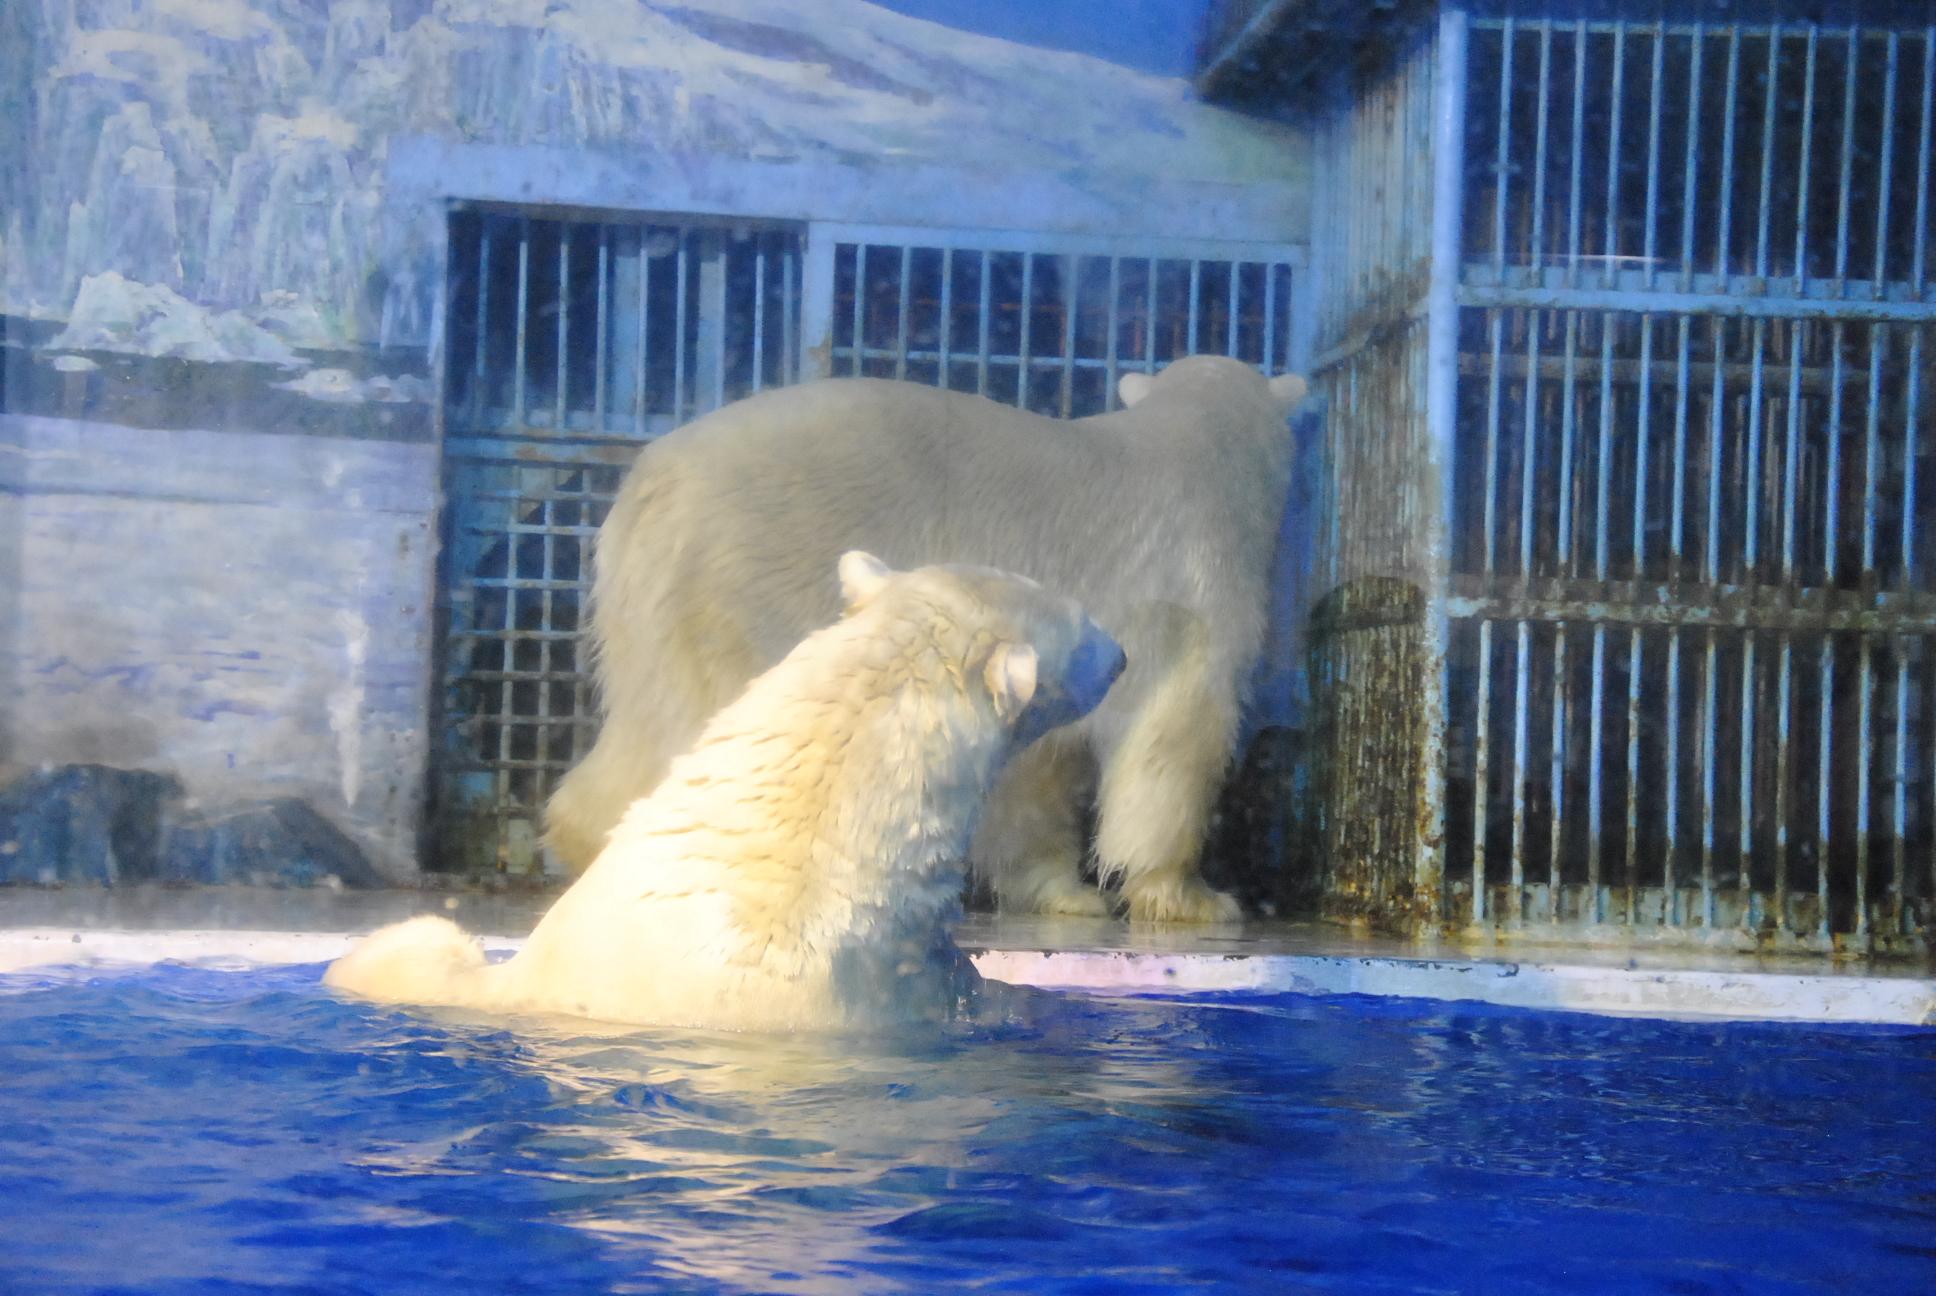 有一个小秘密,北极呼呼镇大象霍顿图片